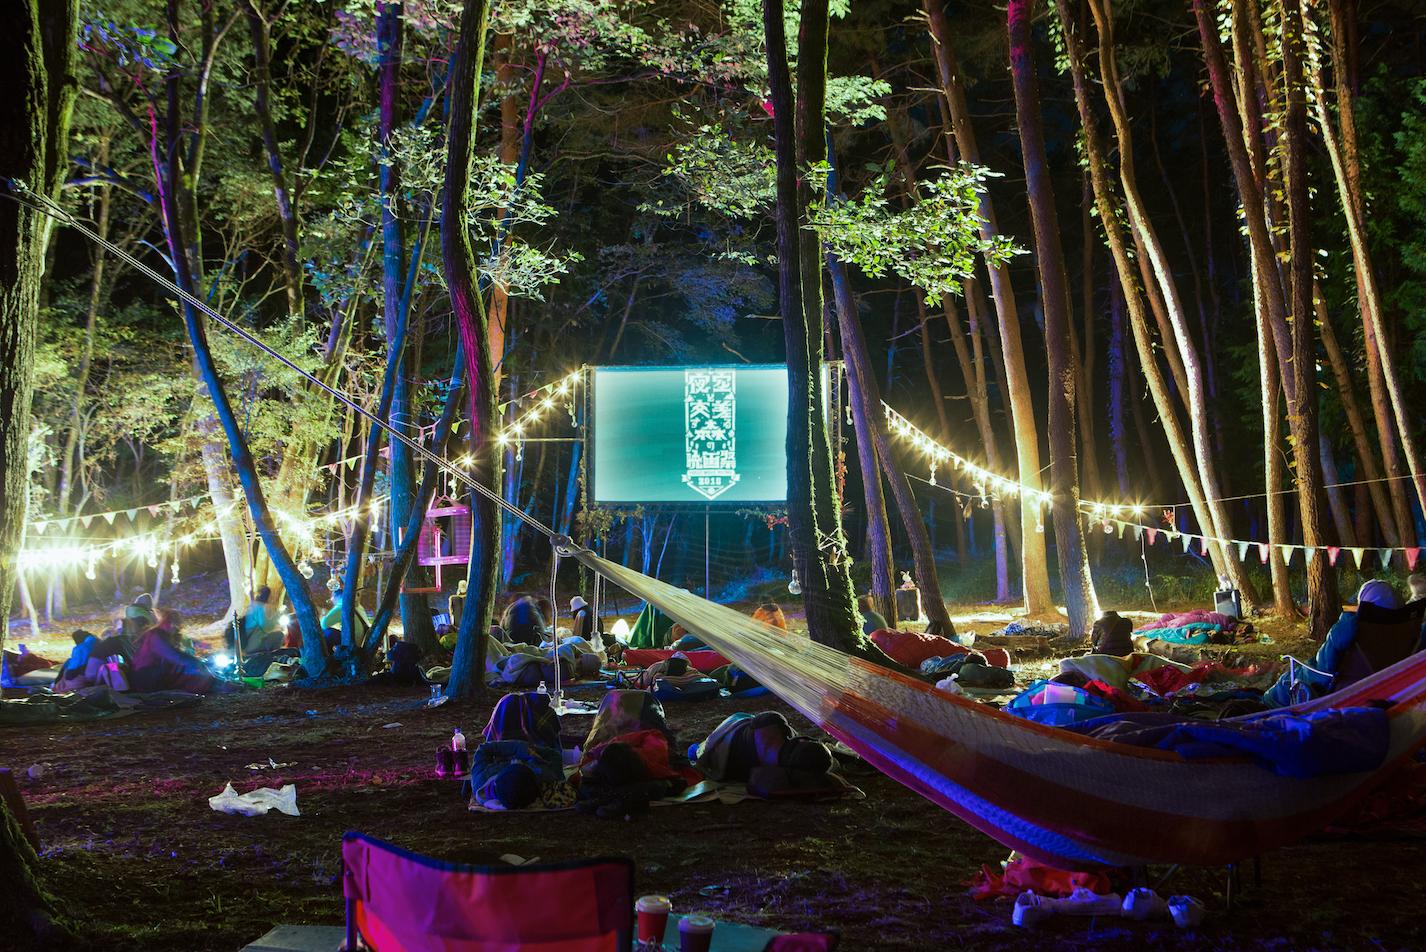 「秒速5センチメートル」など約50作を上映! 栃木県でオールナイトの野外映画フェス